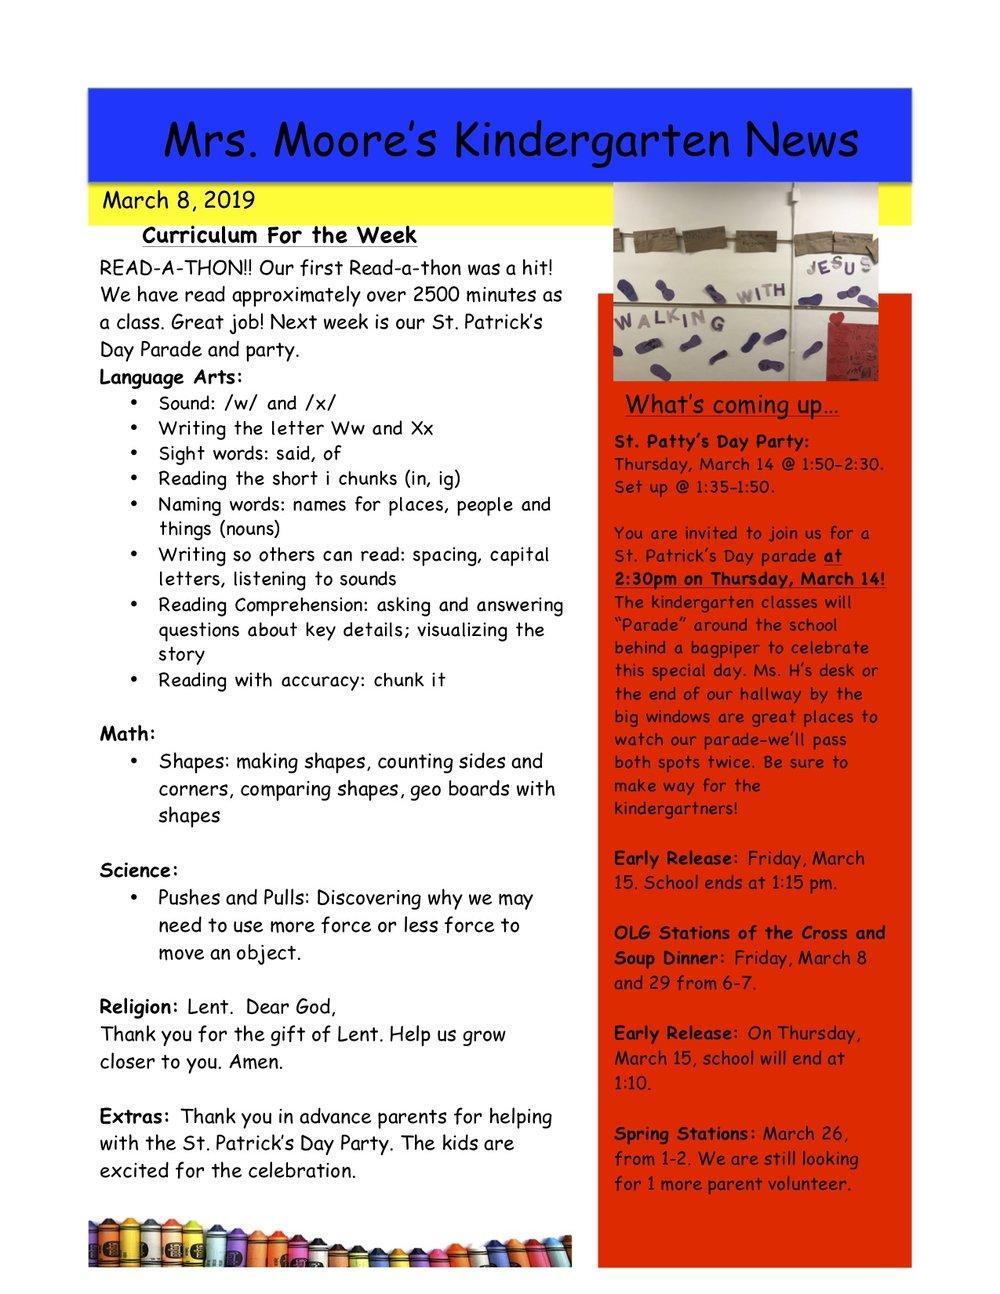 MooreNewsletter Week 3-8-19.jpg